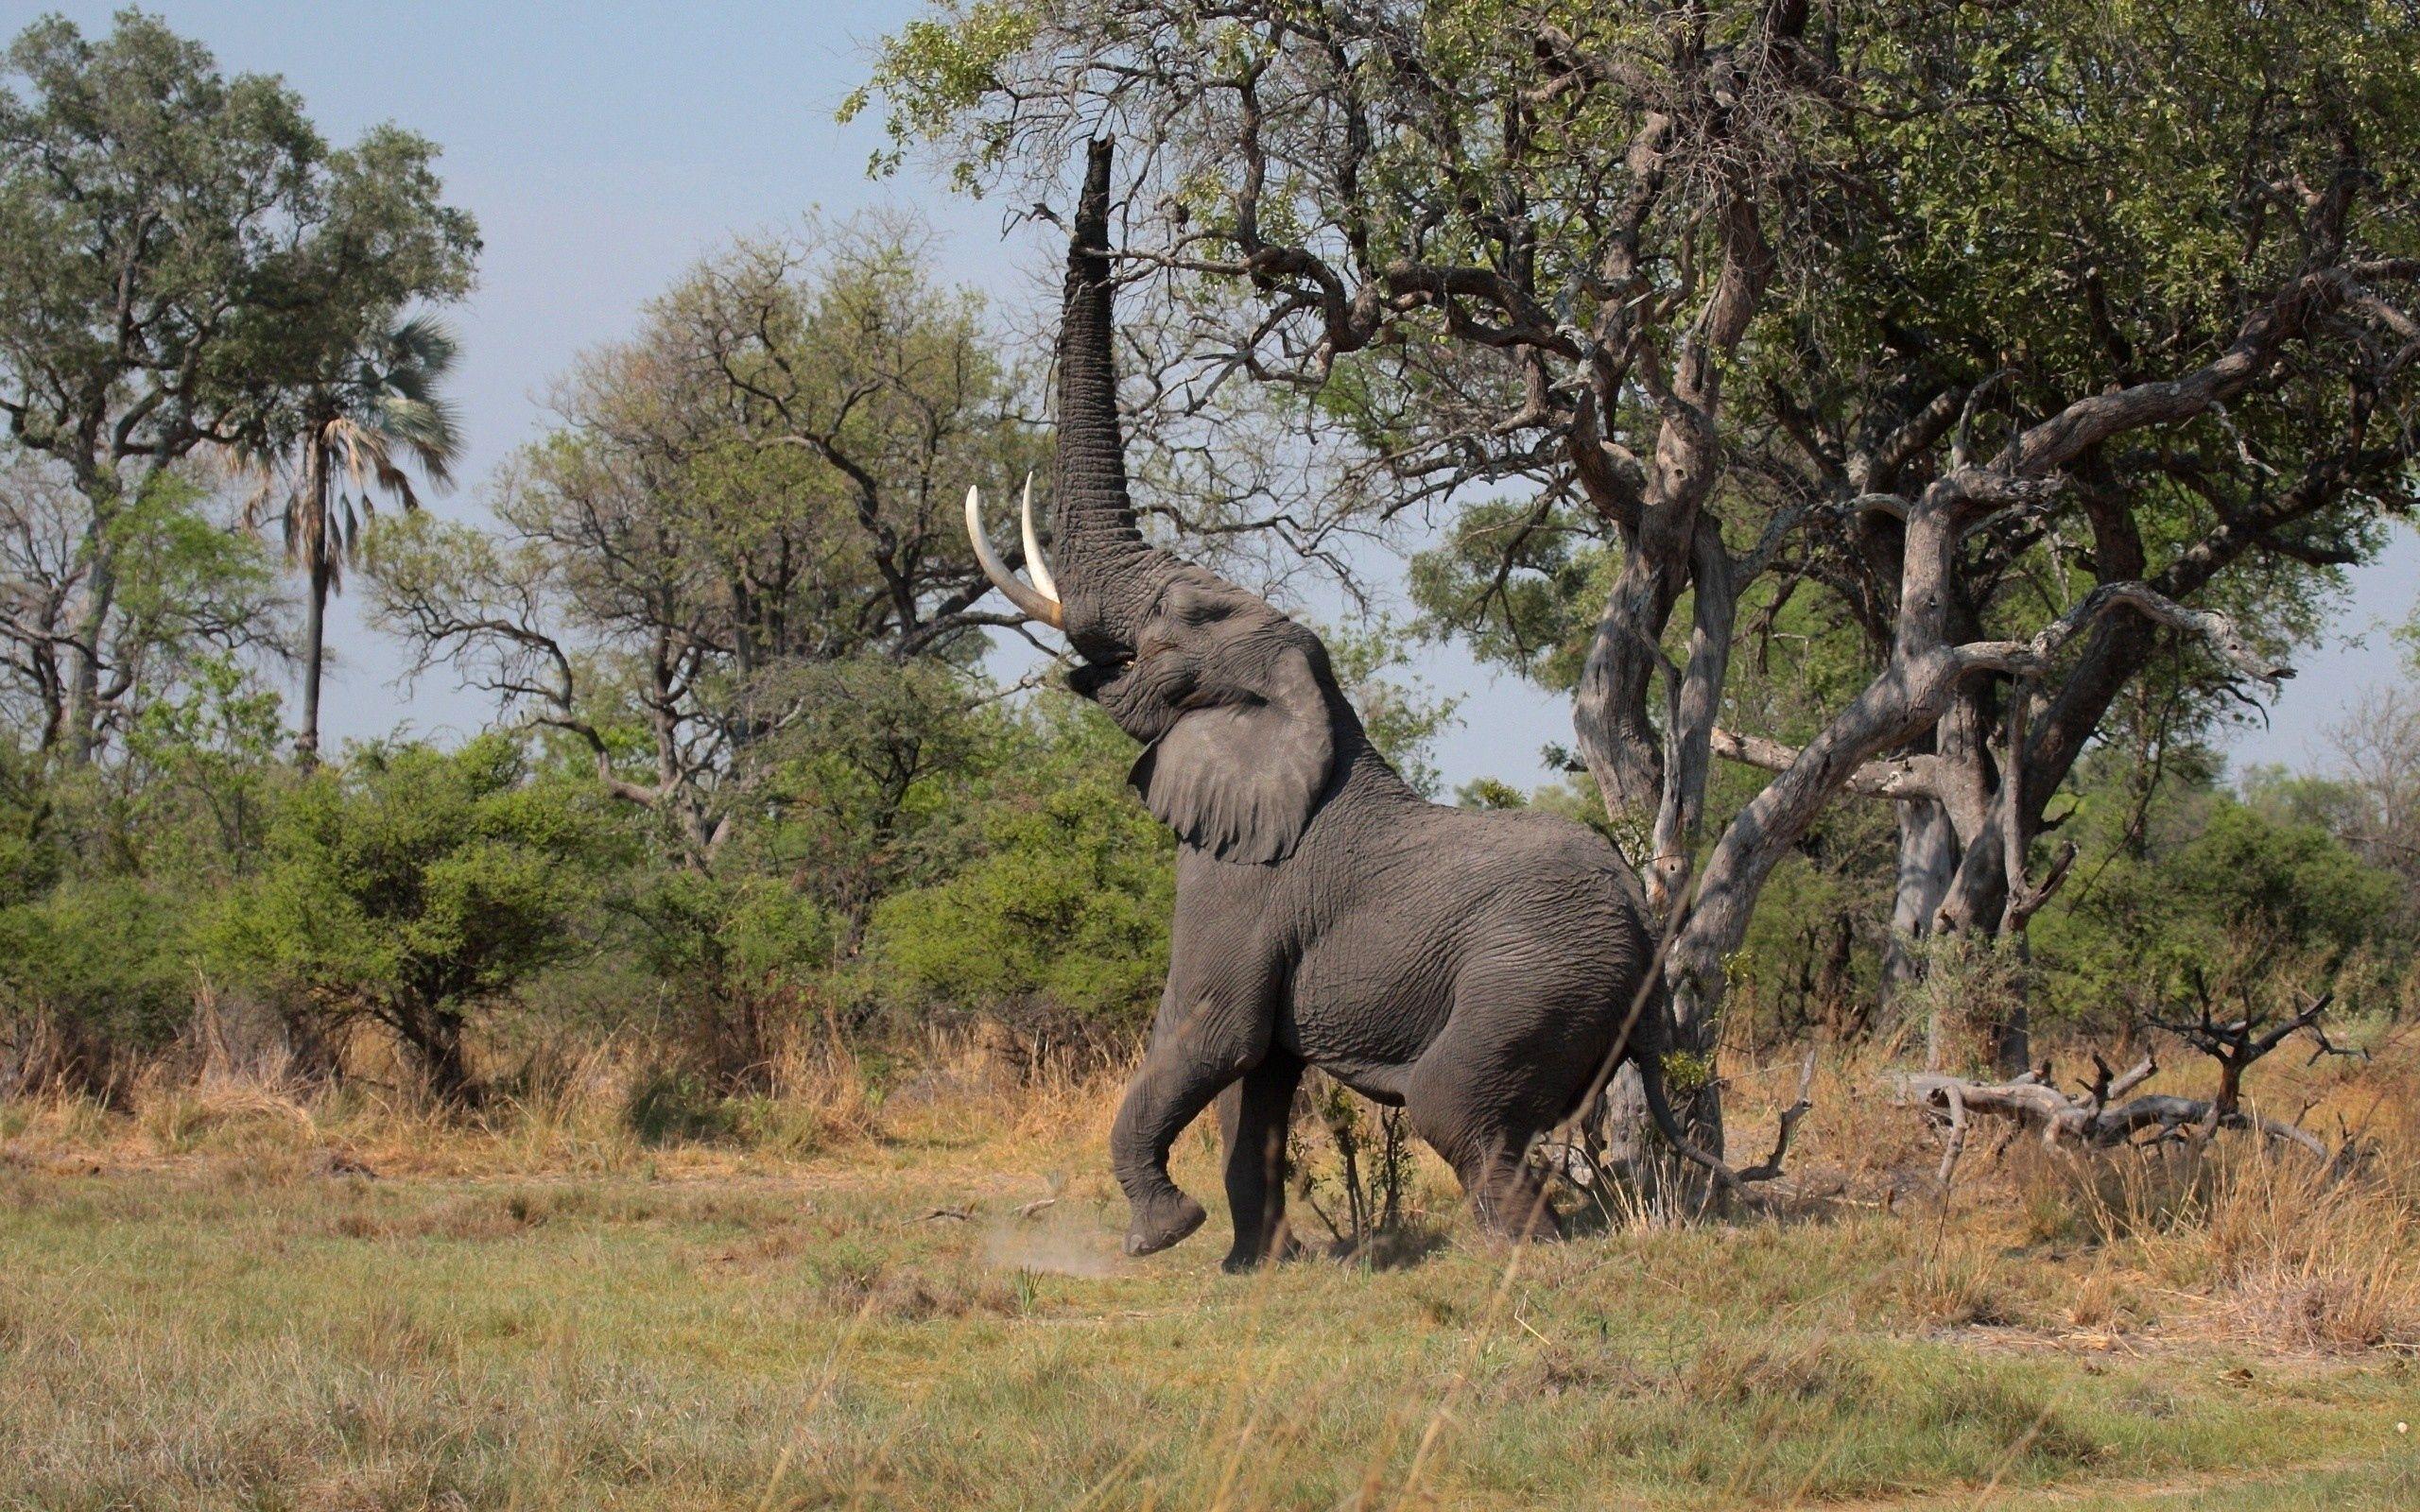 124543 обои 720x1280 на телефон бесплатно, скачать картинки Животные, Деревья, Трава, Слон 720x1280 на мобильный